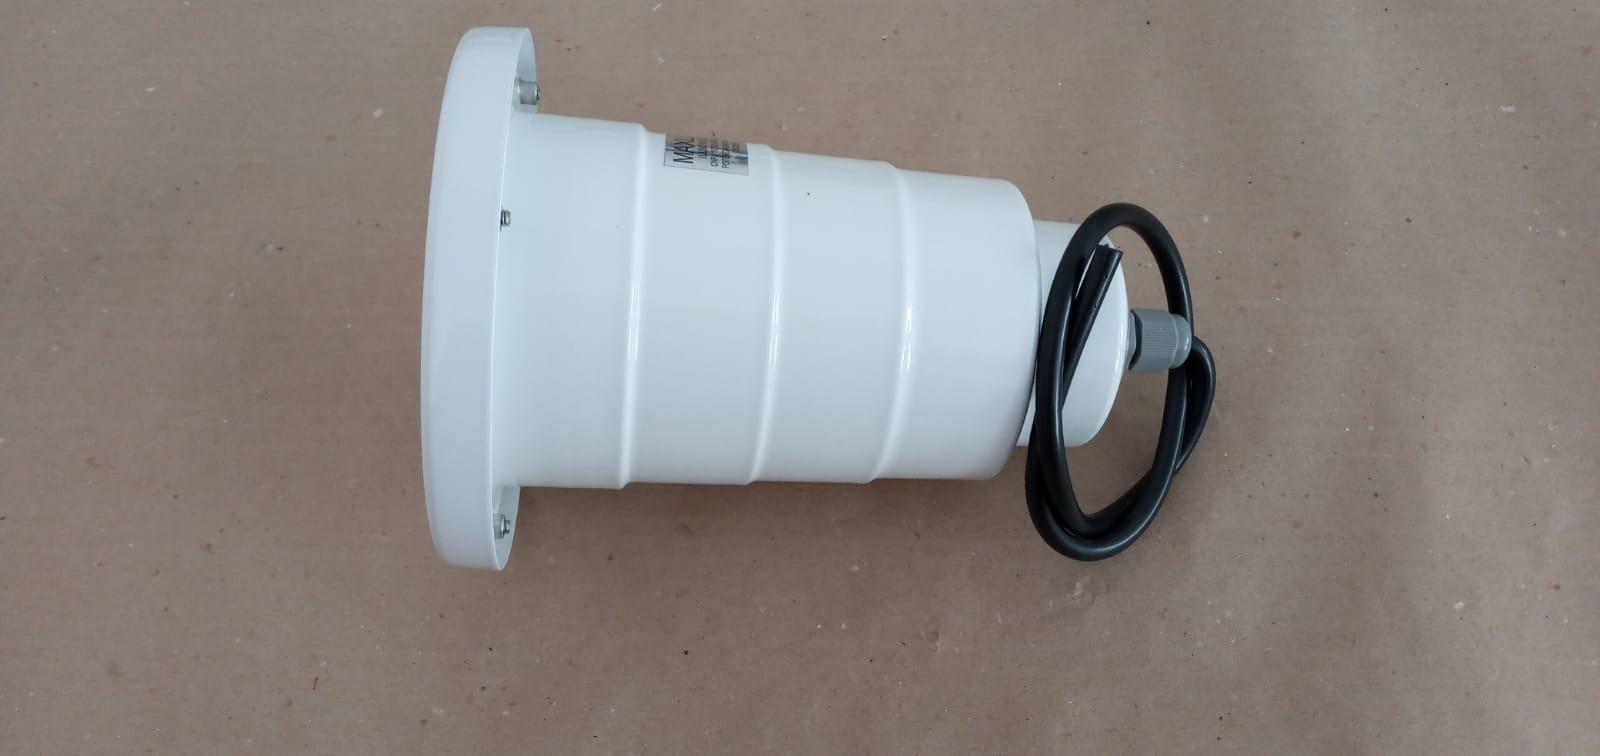 Luminaria Projetor PAR20 E27 Embutir Solo LS209 Branco Maxluz